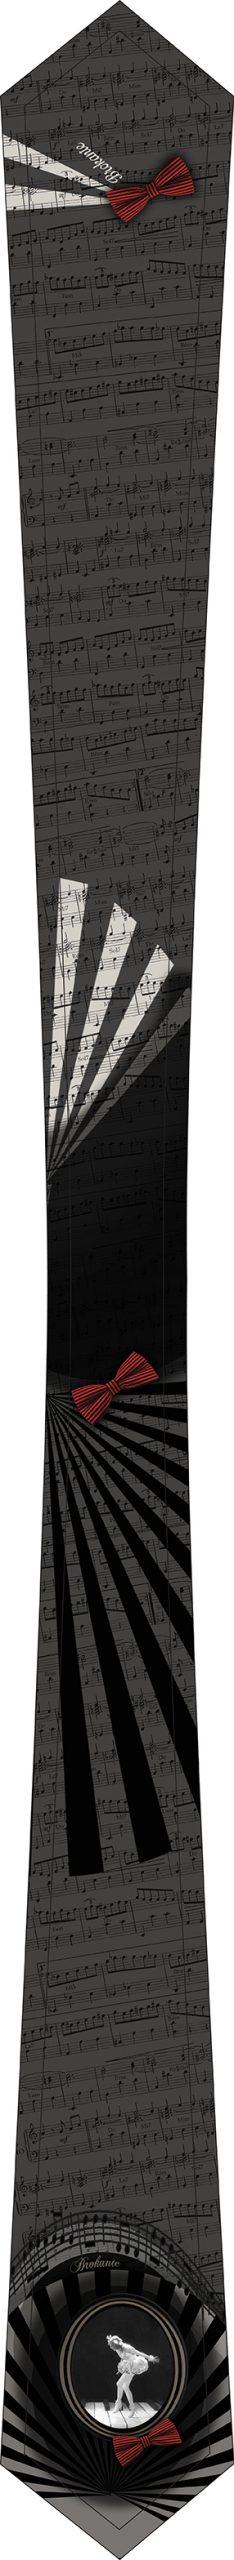 cravate femme noire et blanc cassé